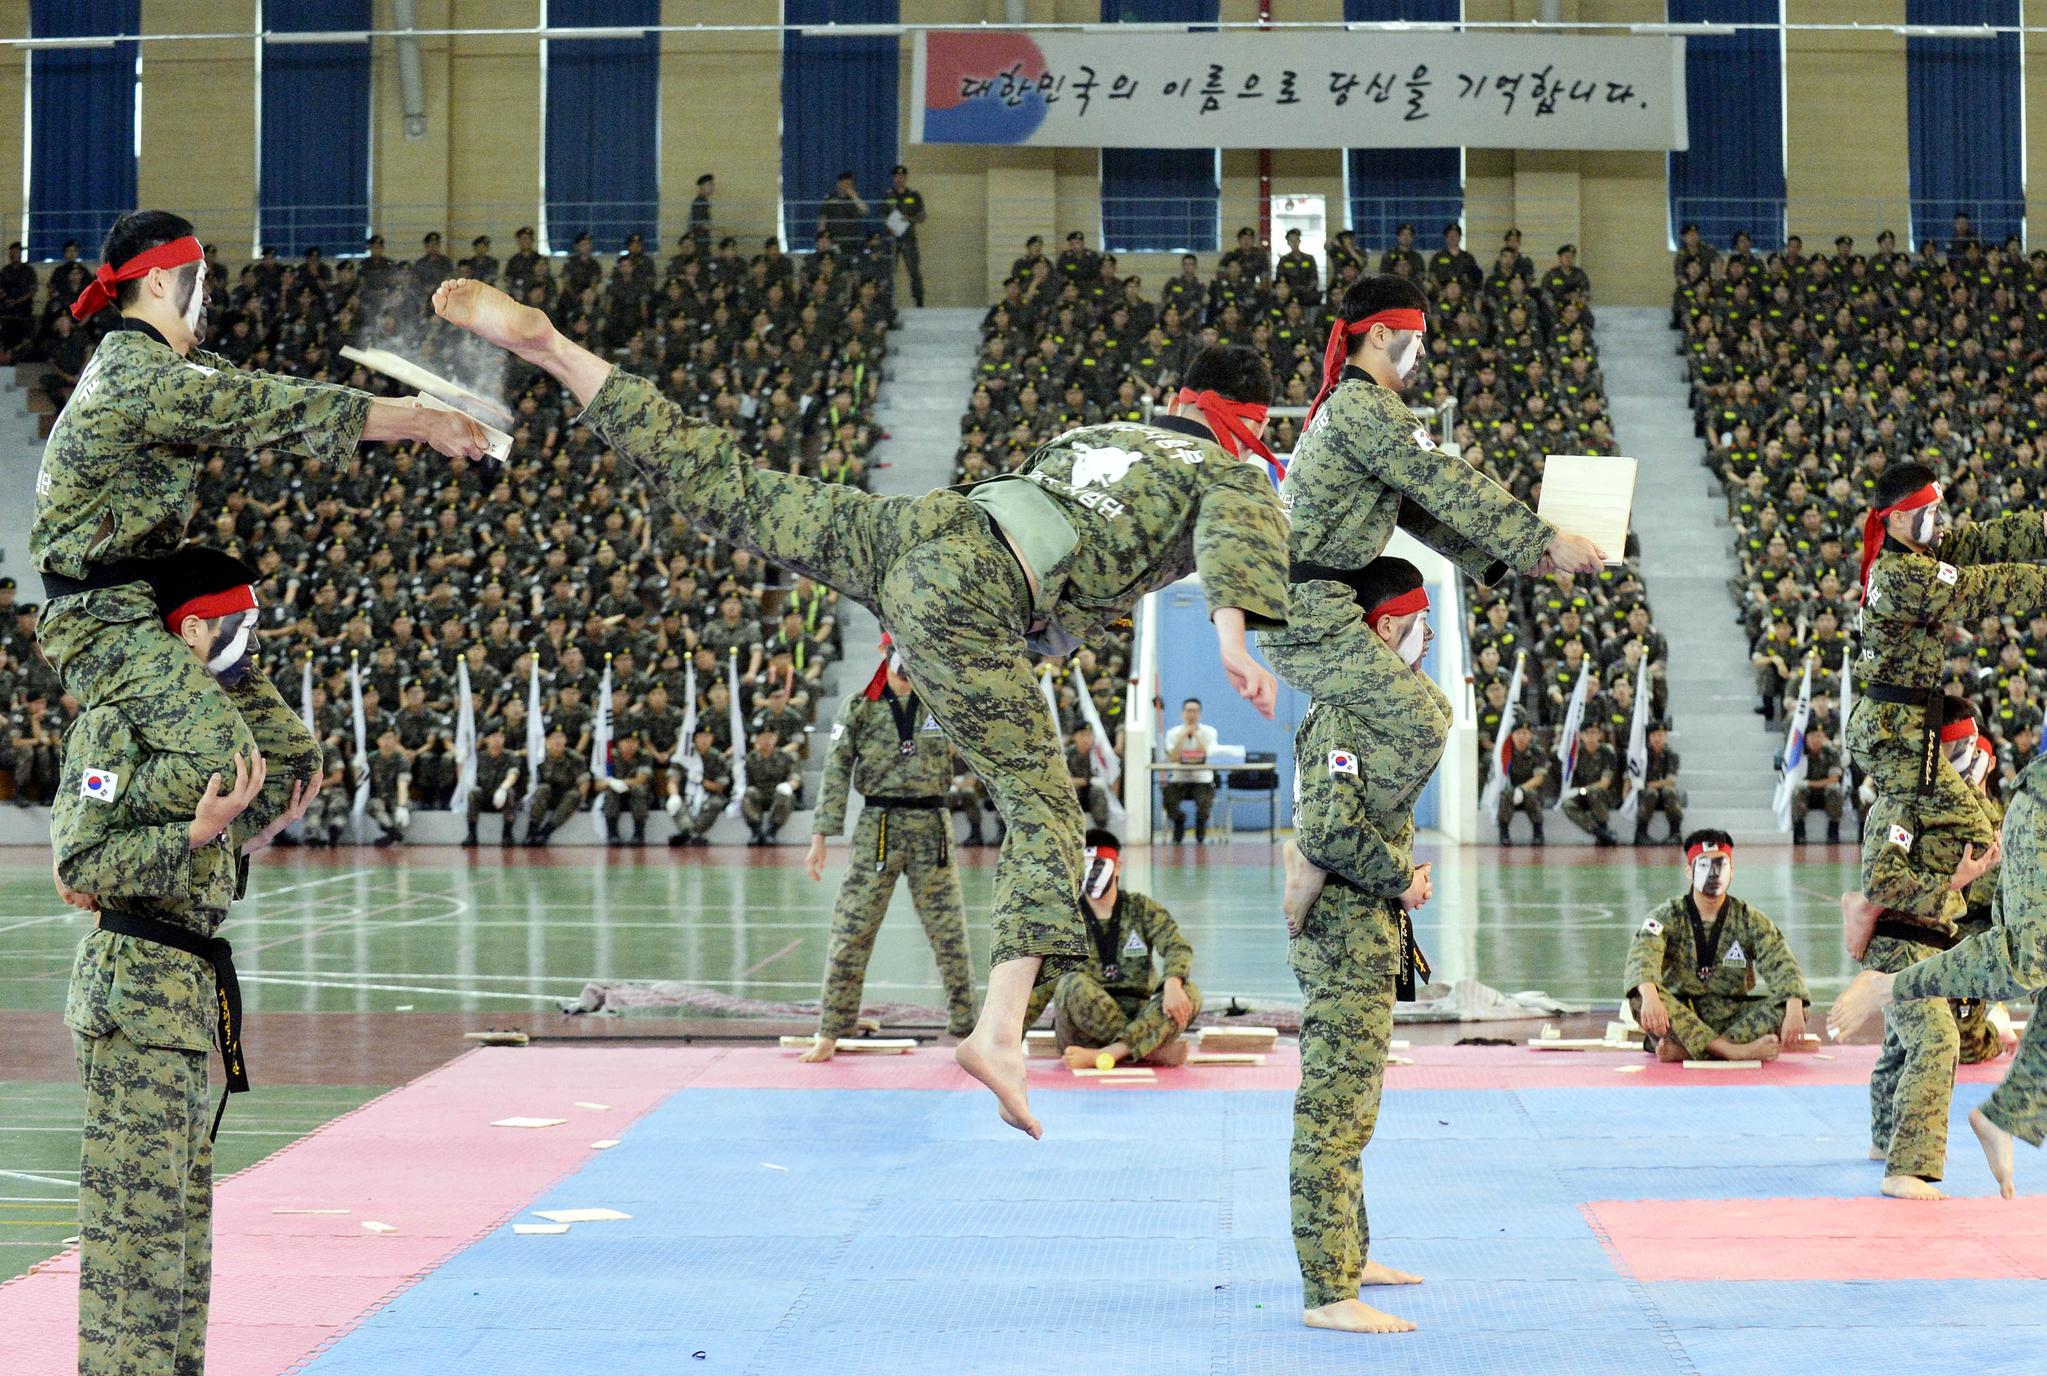 19일 충남 논산 육군훈련소에서 6.25참전용사를 비롯한 보훈단체 초청 행사가 열렸다. 이날 행사에는 특공무술과 태권도 시범이 선보였다. 프리랜서 김성태